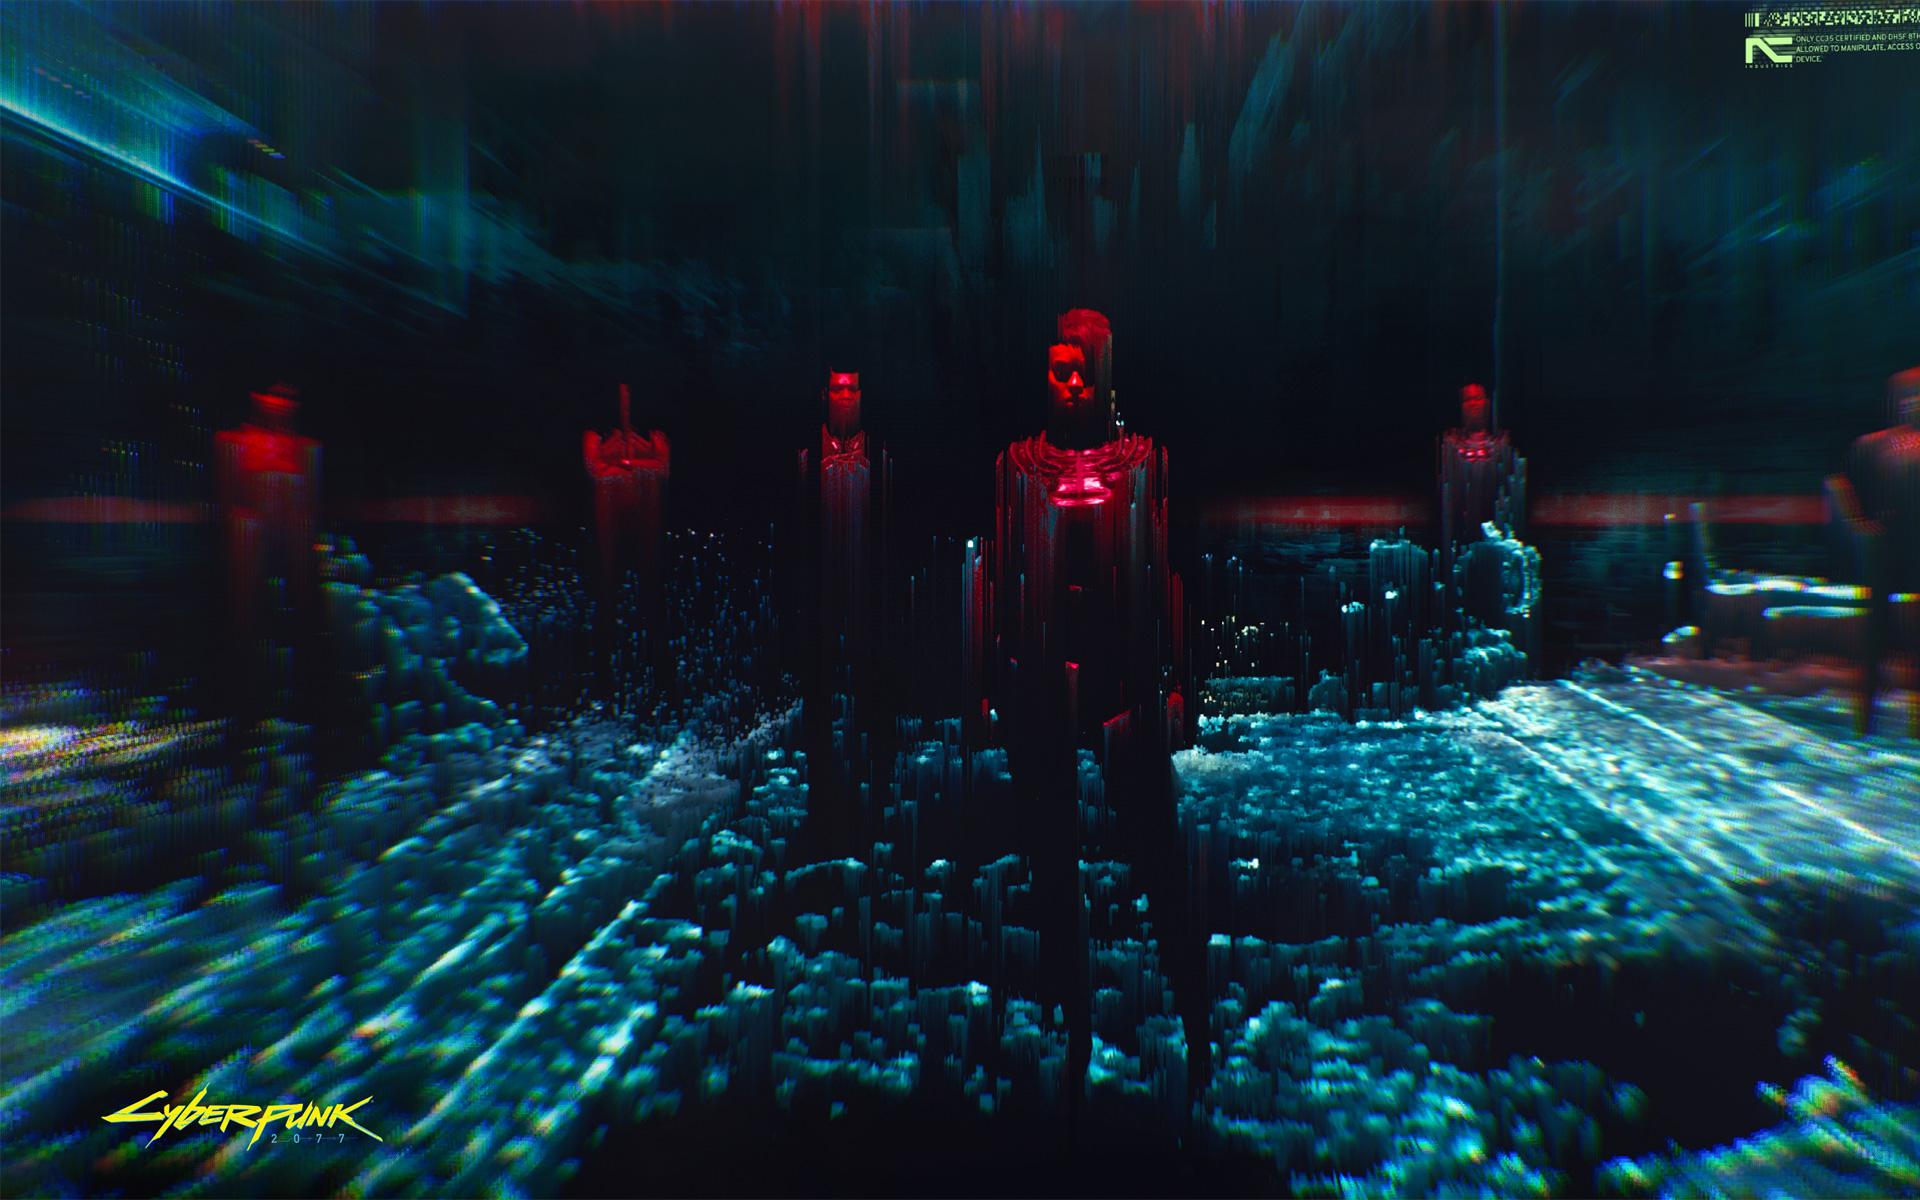 Free Cyberpunk 2077 Wallpaper in 1920x1200